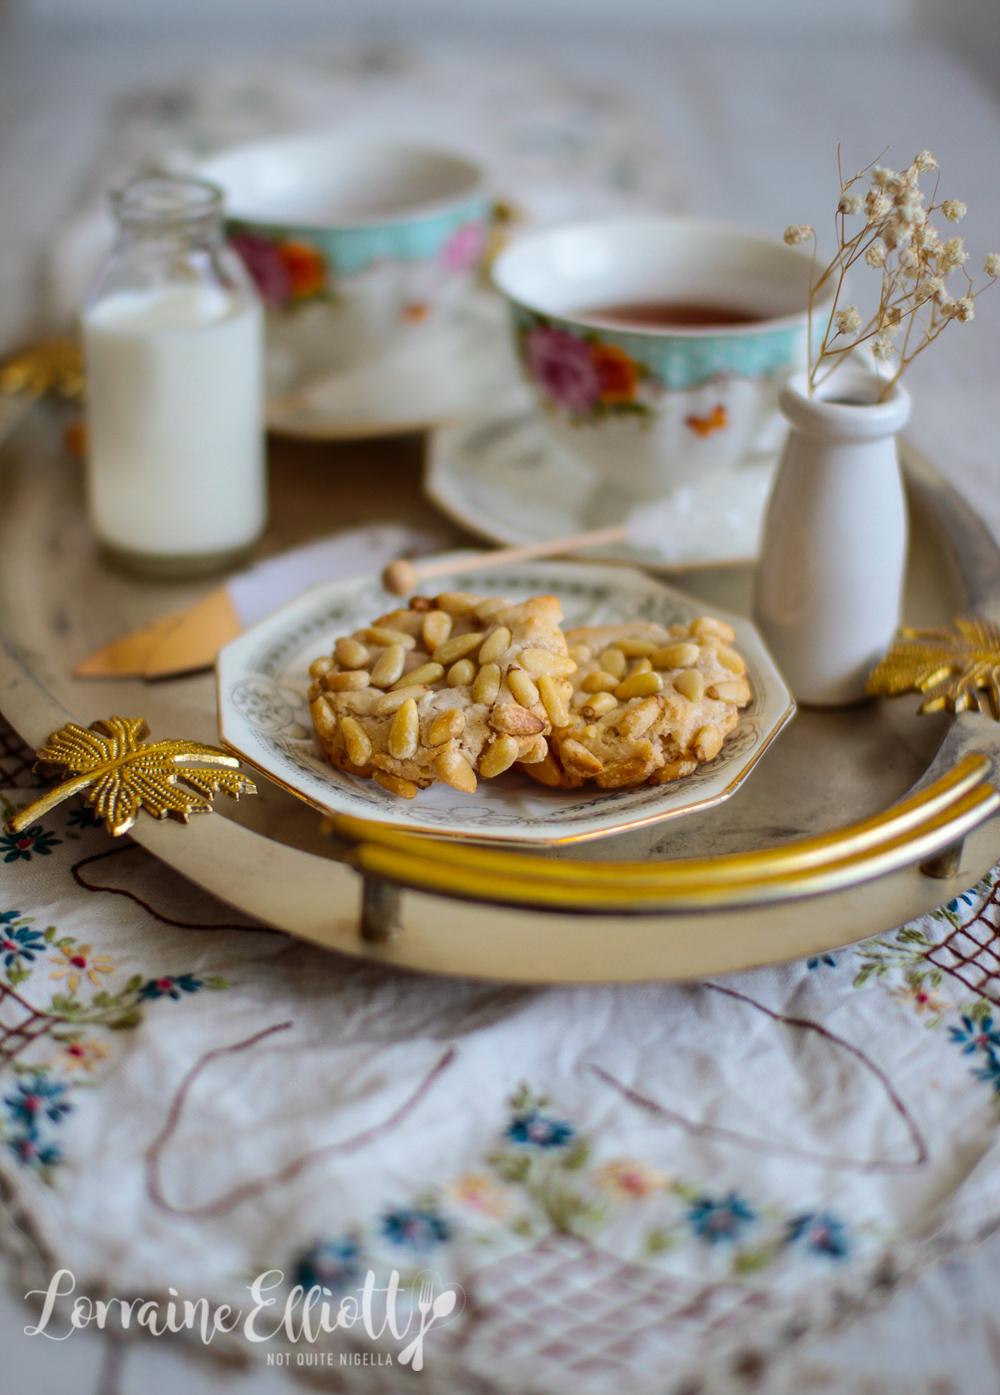 Italian Pignoli Cookie recipe